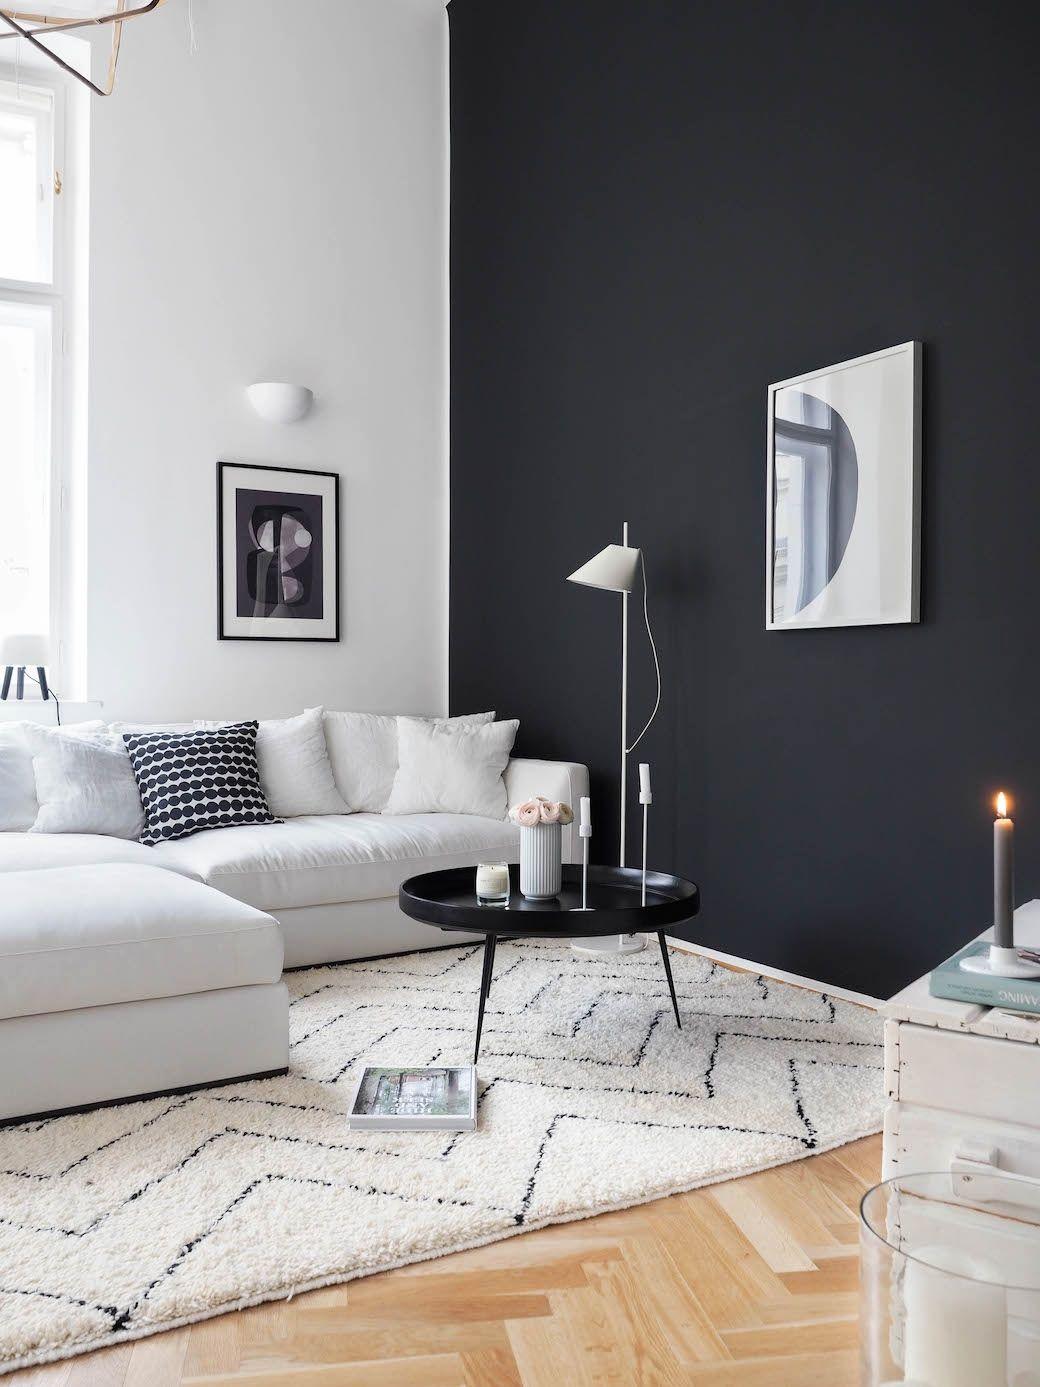 Tour A Modern Minimalist Apartment in Vienna — decor6 in 6